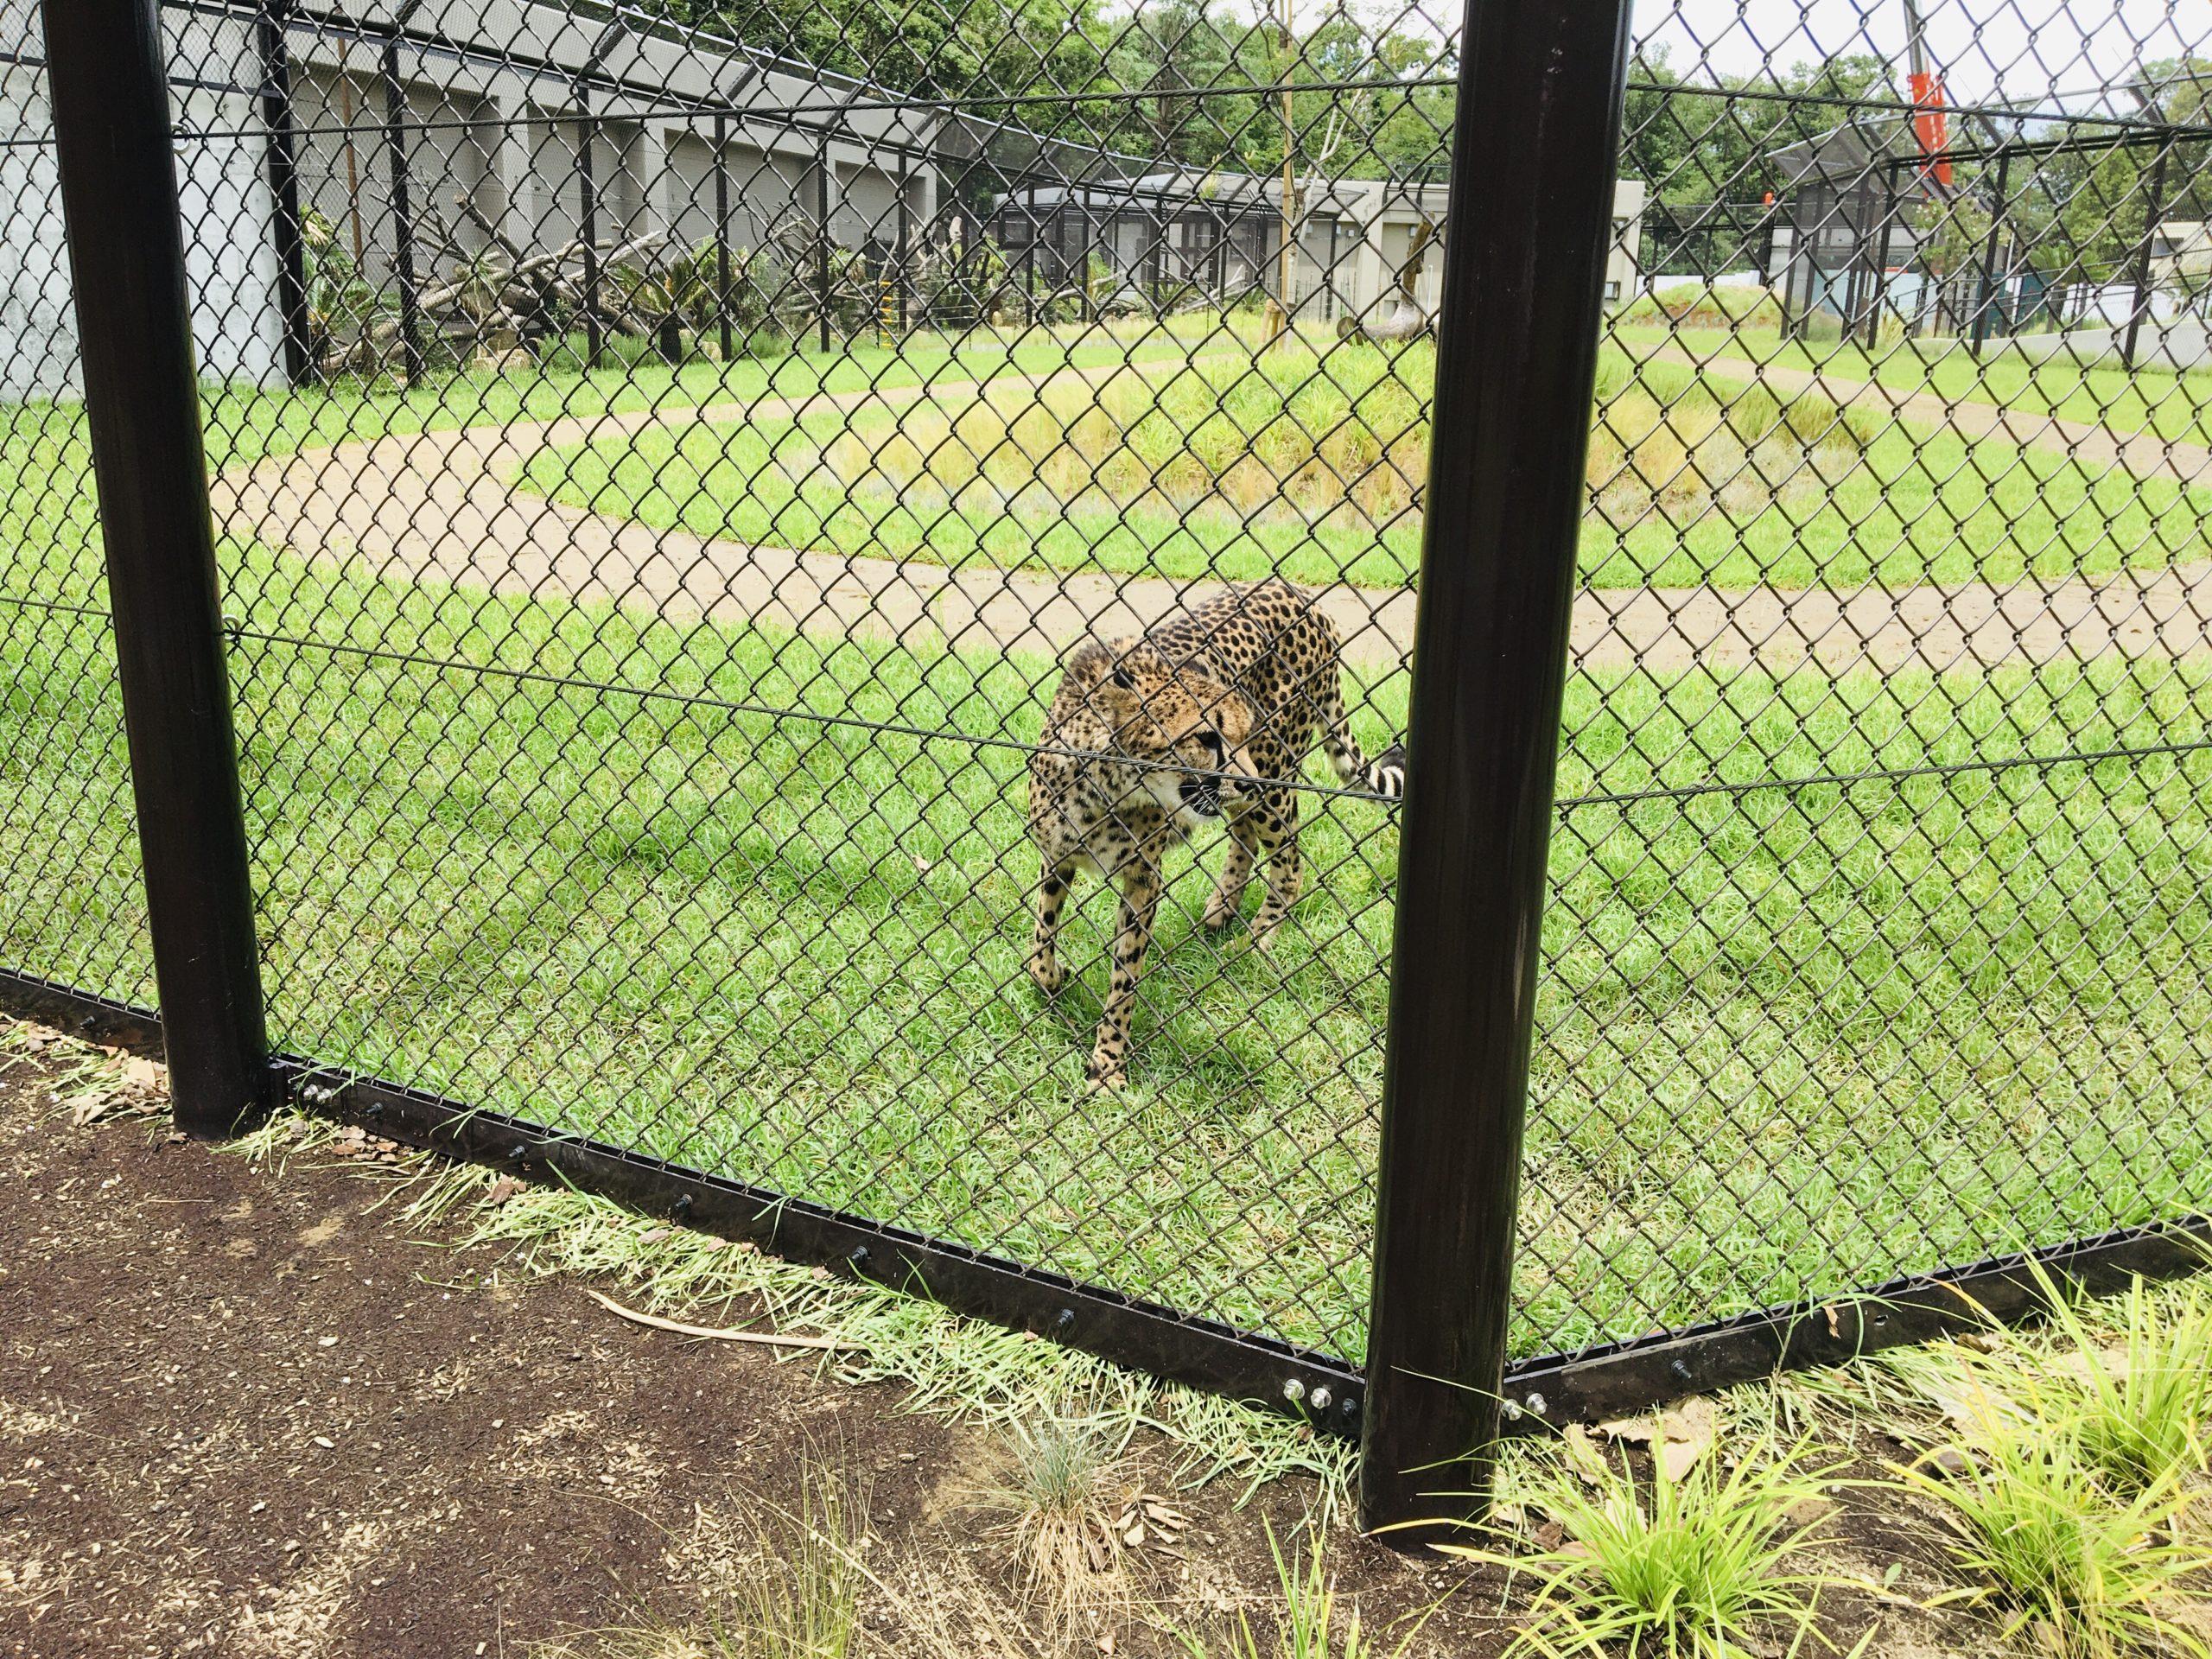 千葉市動物公園のチーター写真